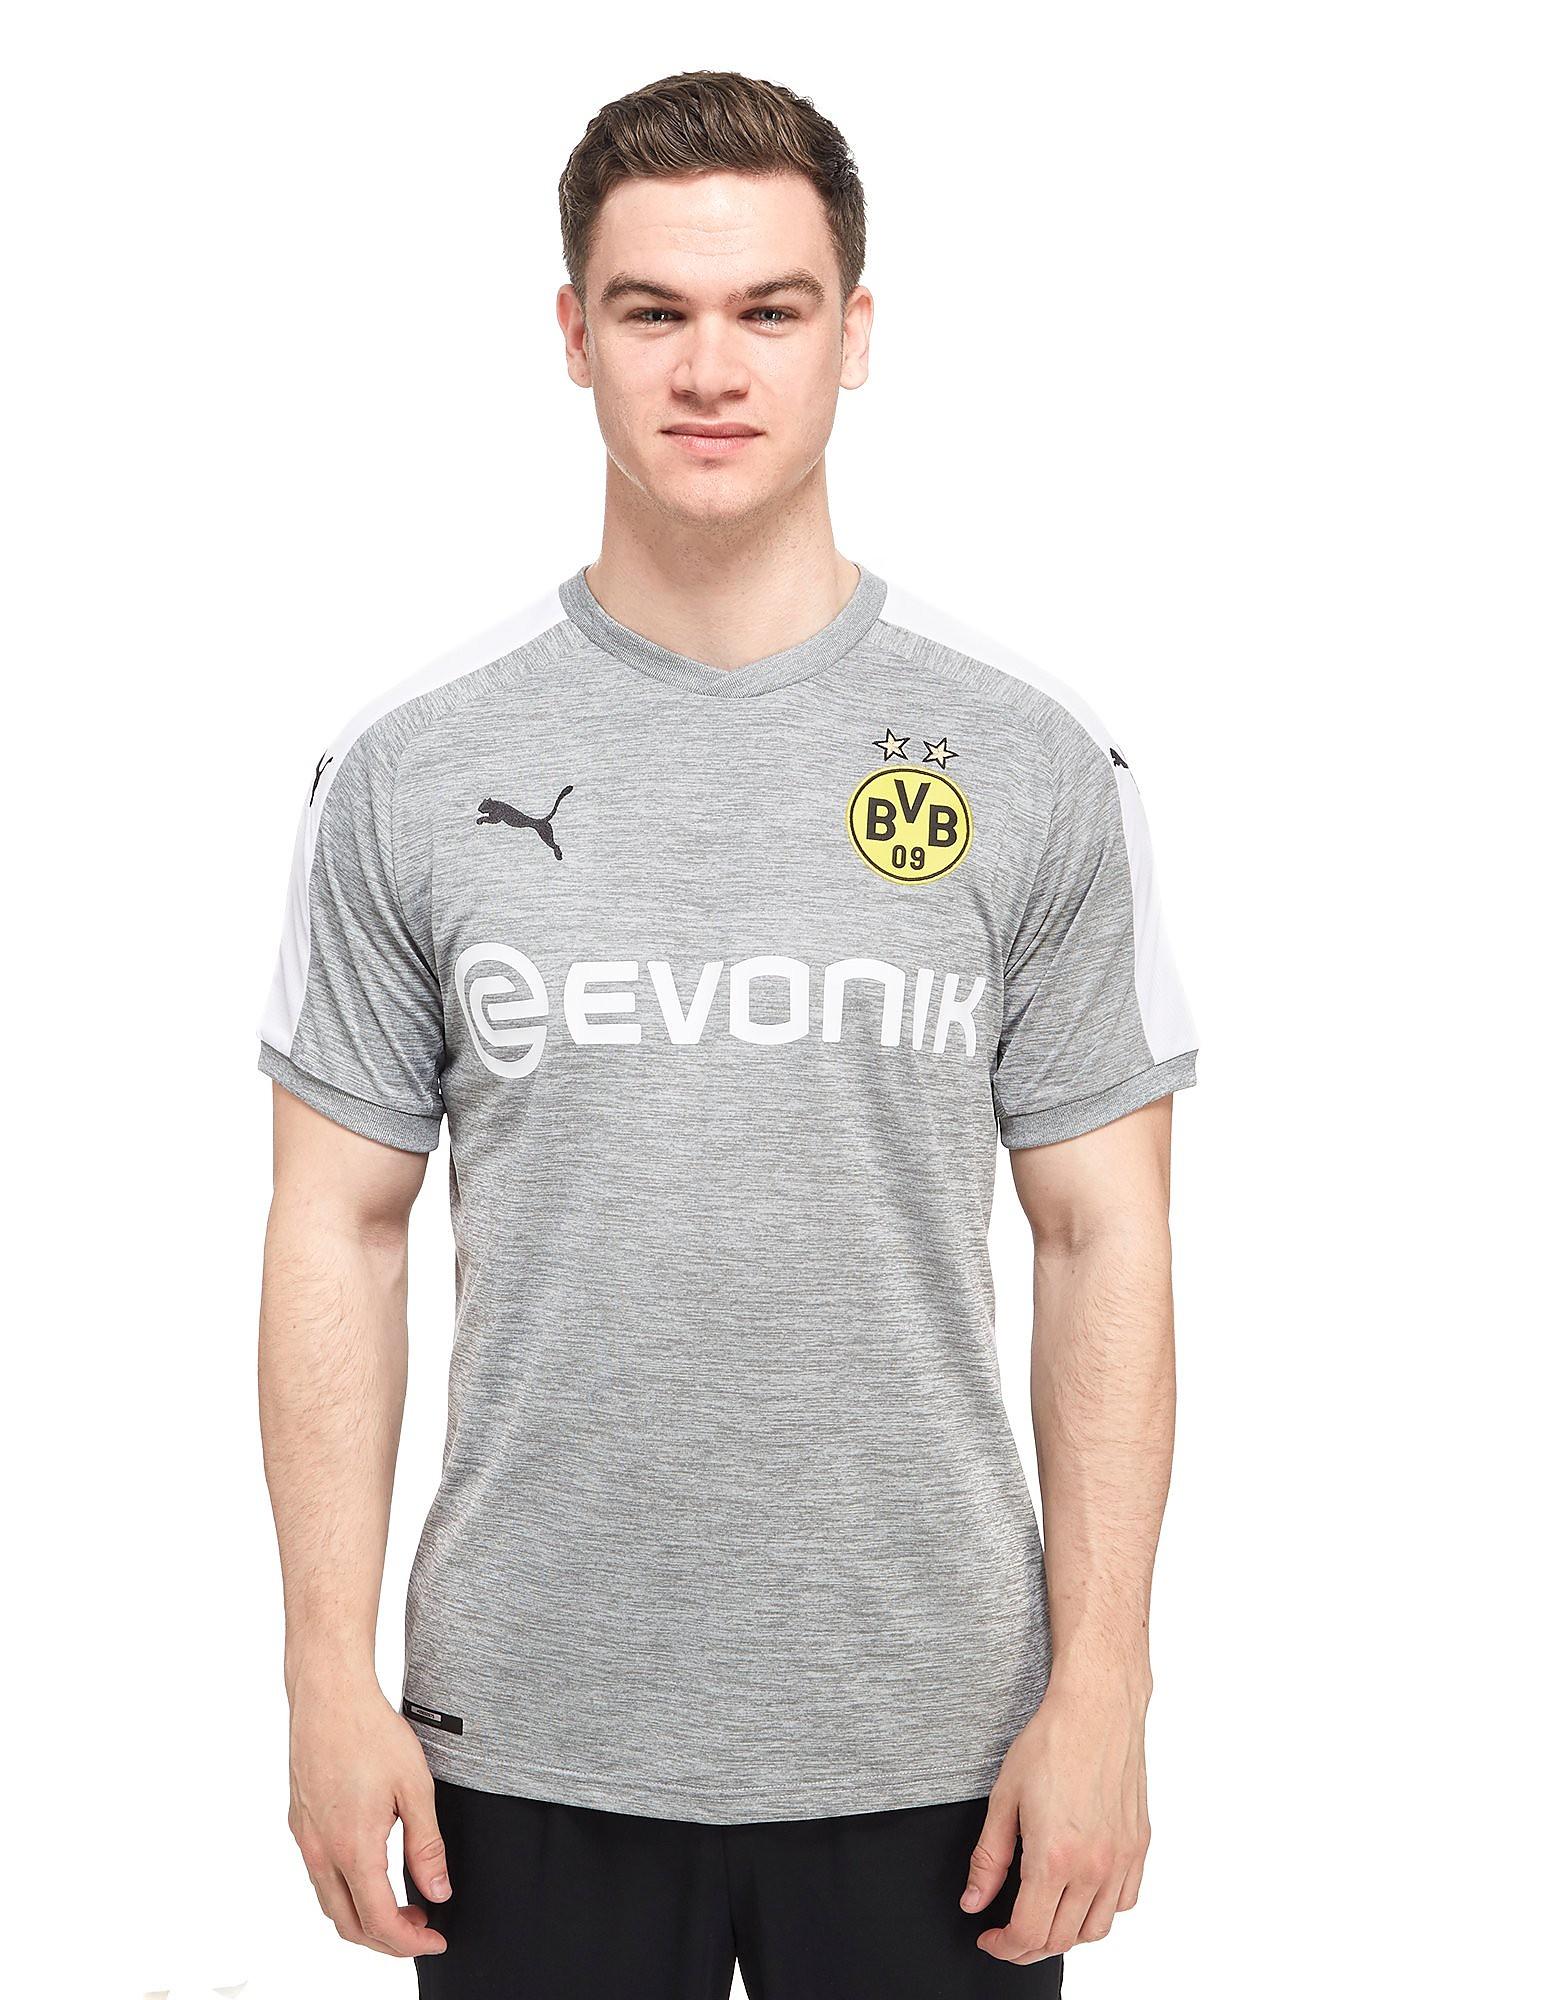 PUMA Borussia Dortmund 2017/2018 Third Shirt